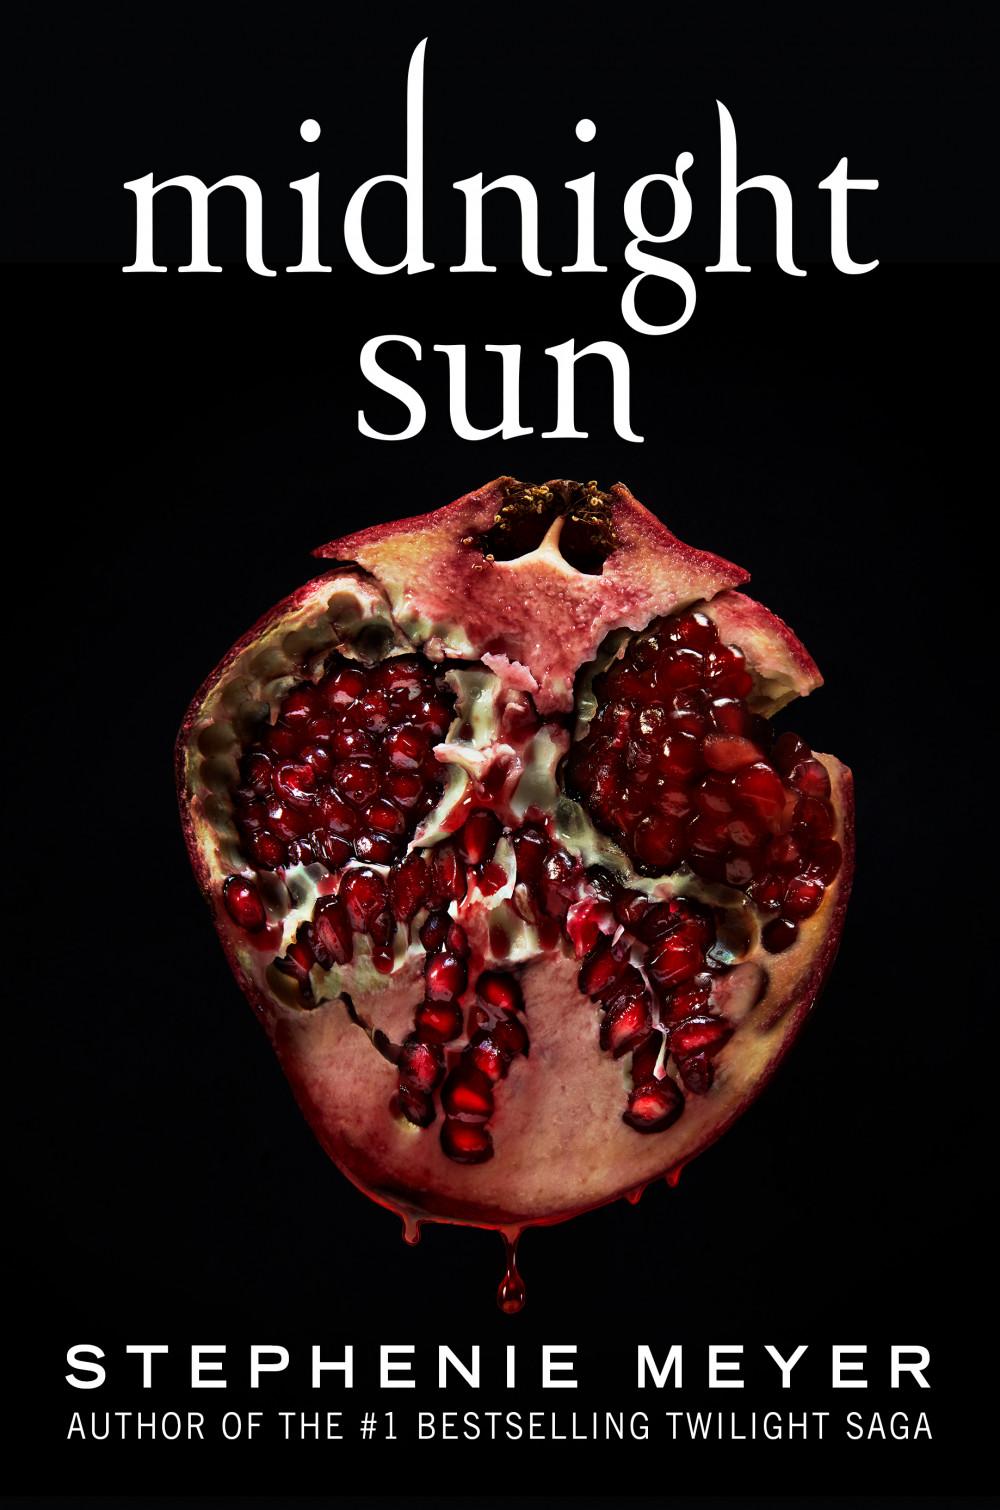 Tác phẩm mới nhất của nhà văn Stephenie Meyer